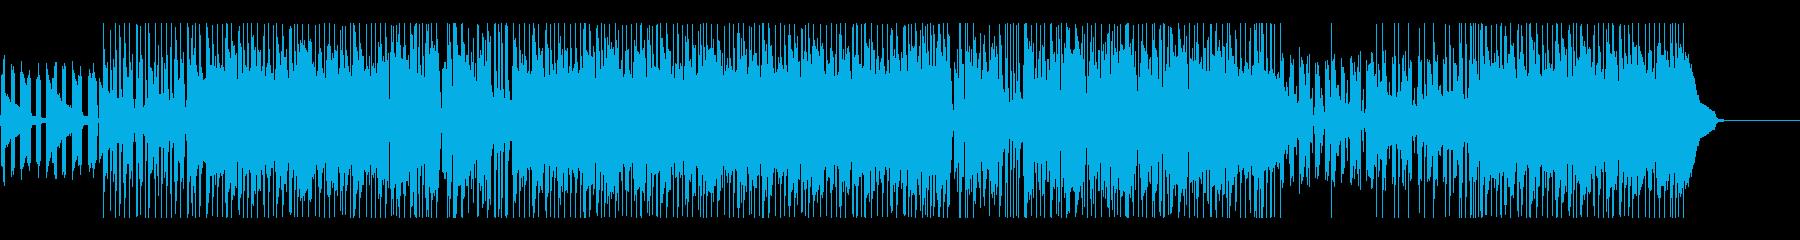 ショータイム クイズ イベントの再生済みの波形